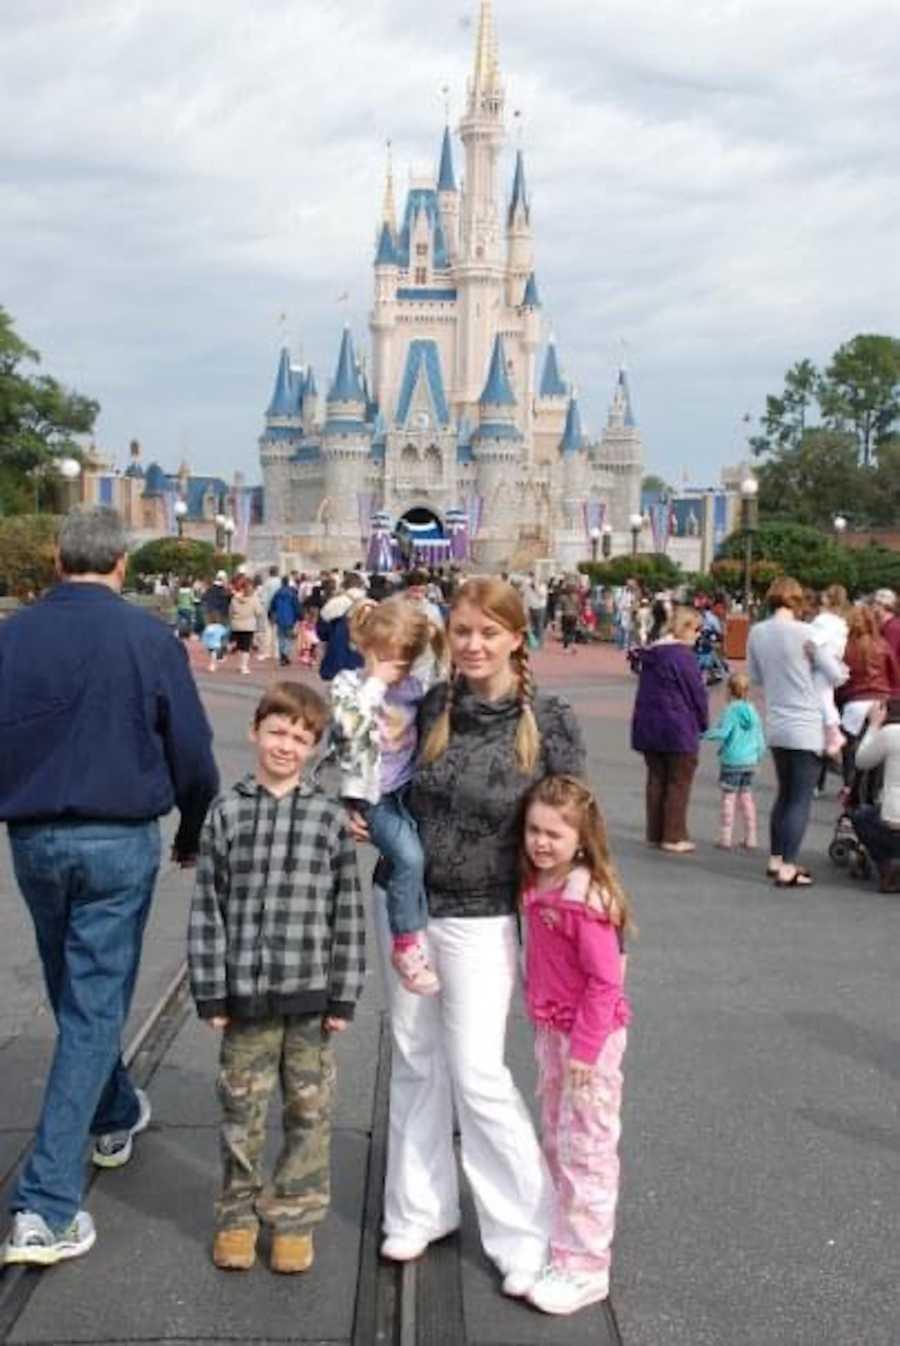 photo of Disney castle